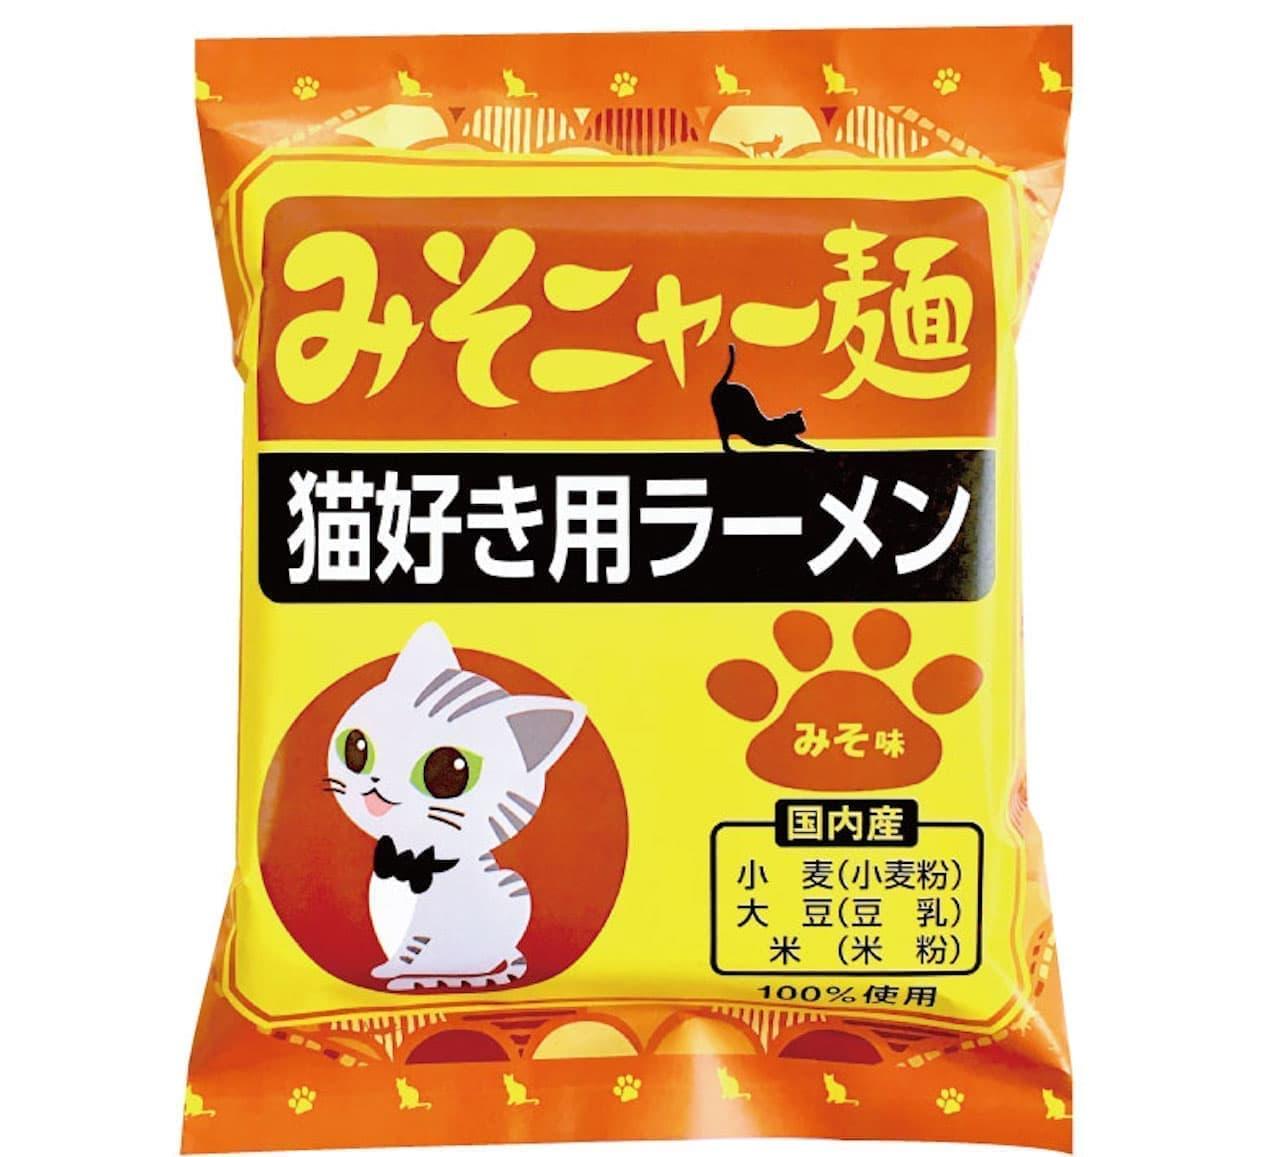 キリマルラーメン「みそニャー麺1食詰みそ味」